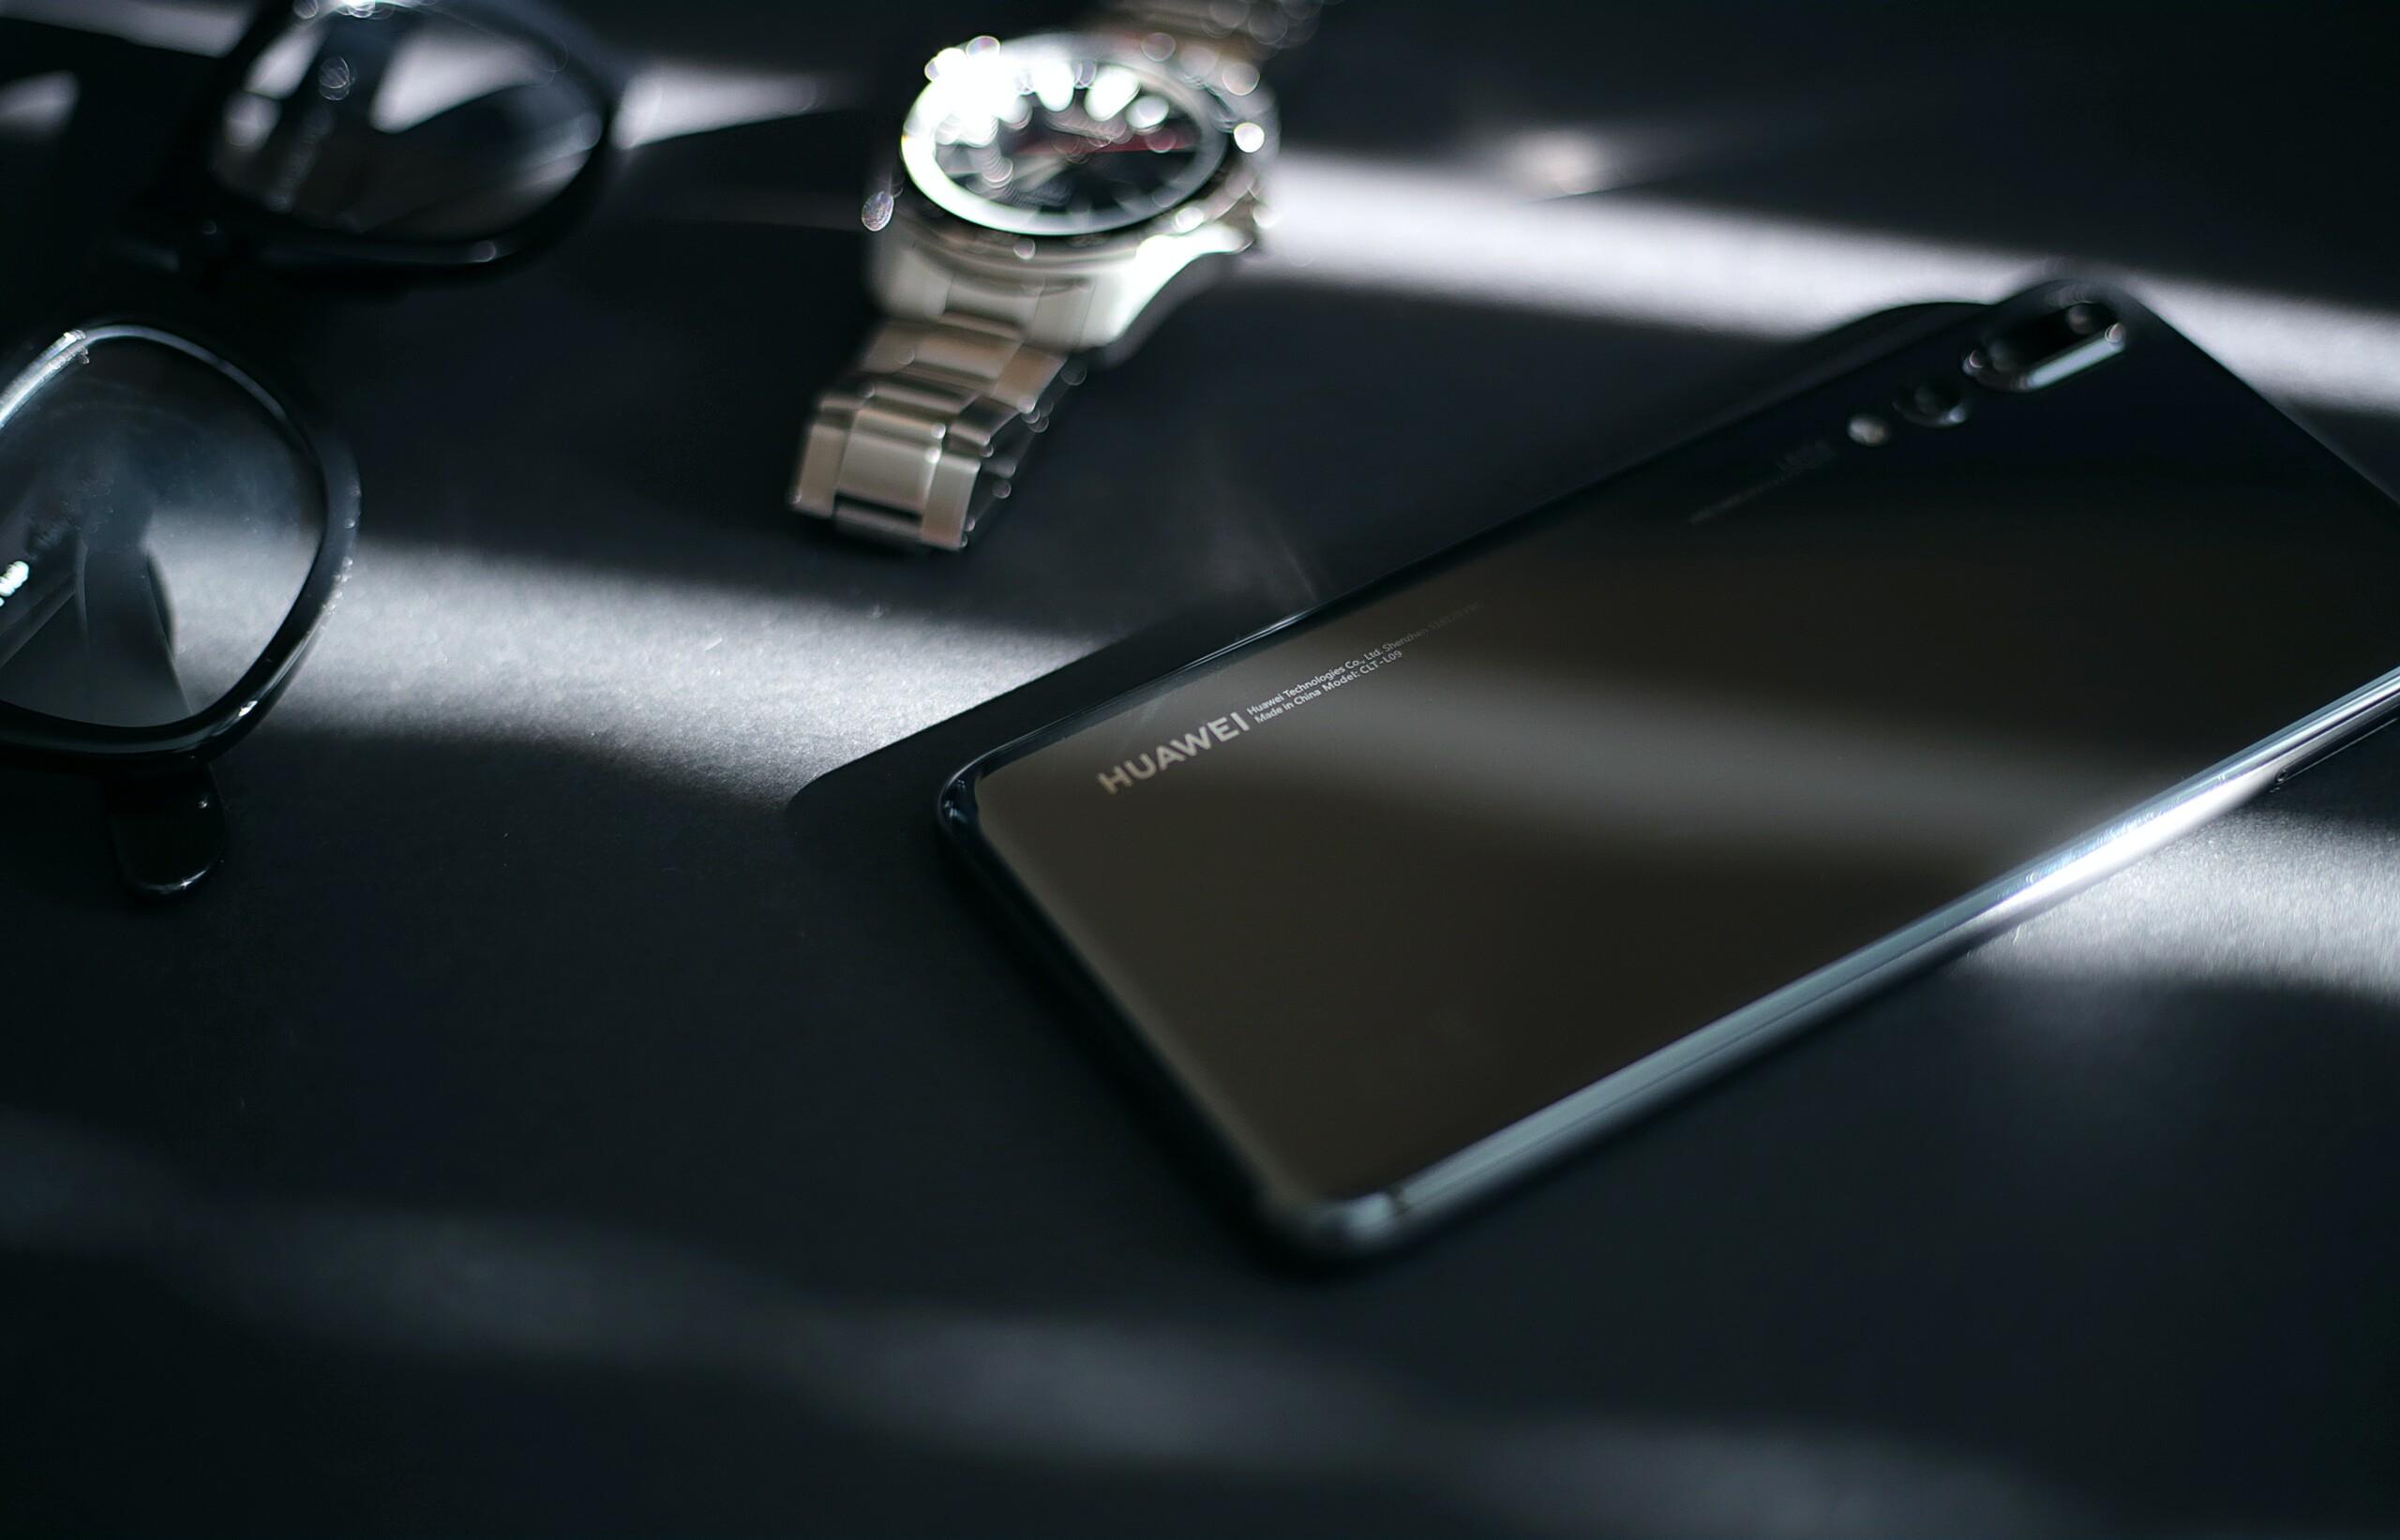 Le malware Joker sur plus de 500 000 smartphones Huawei : ce qu'il faut savoir